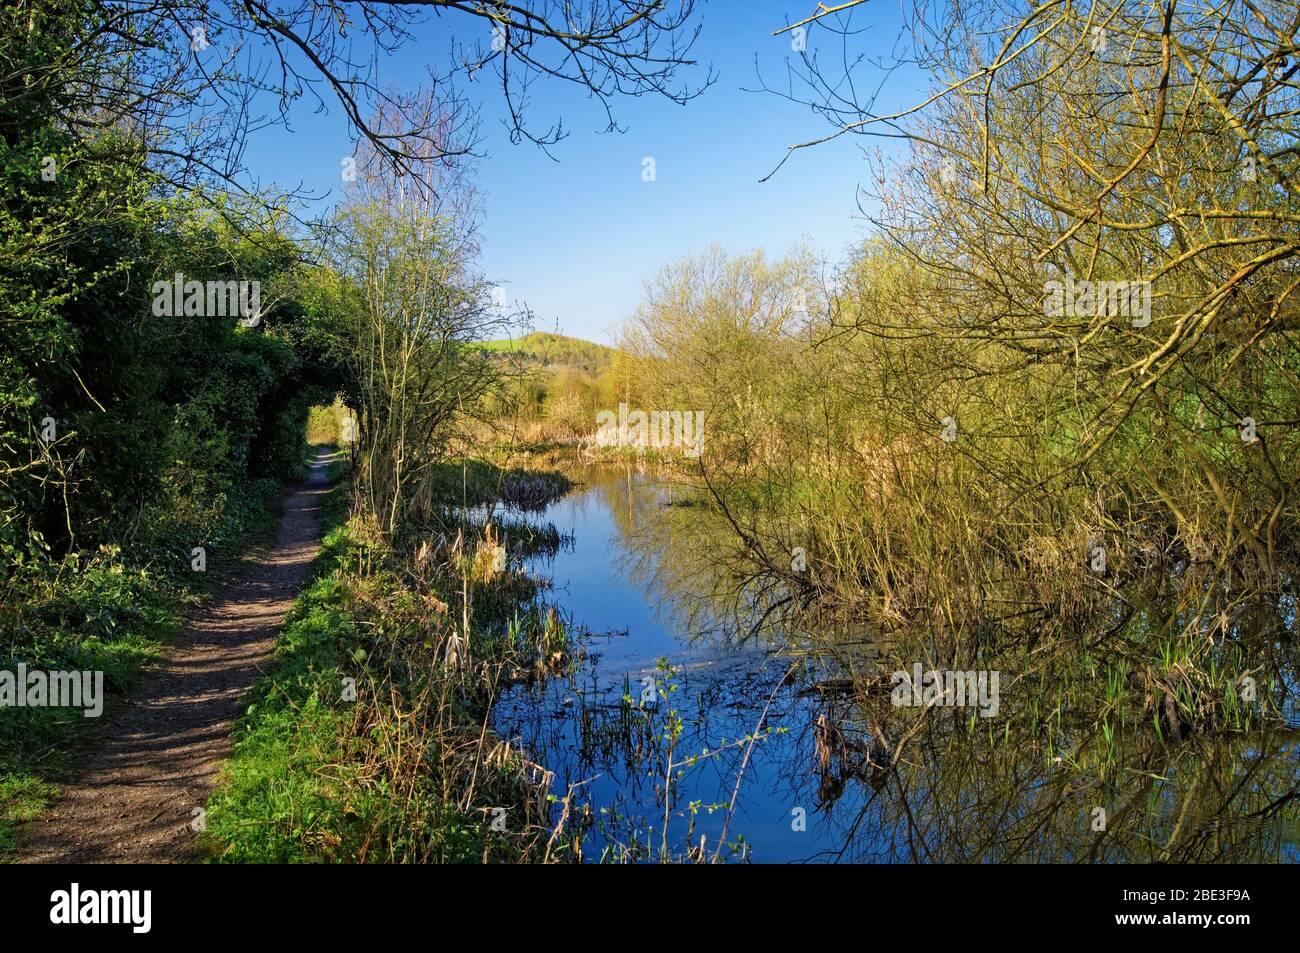 Reino Unido, South Yorkshire, Barnsley, Elsecar Canal y sendero Foto de stock